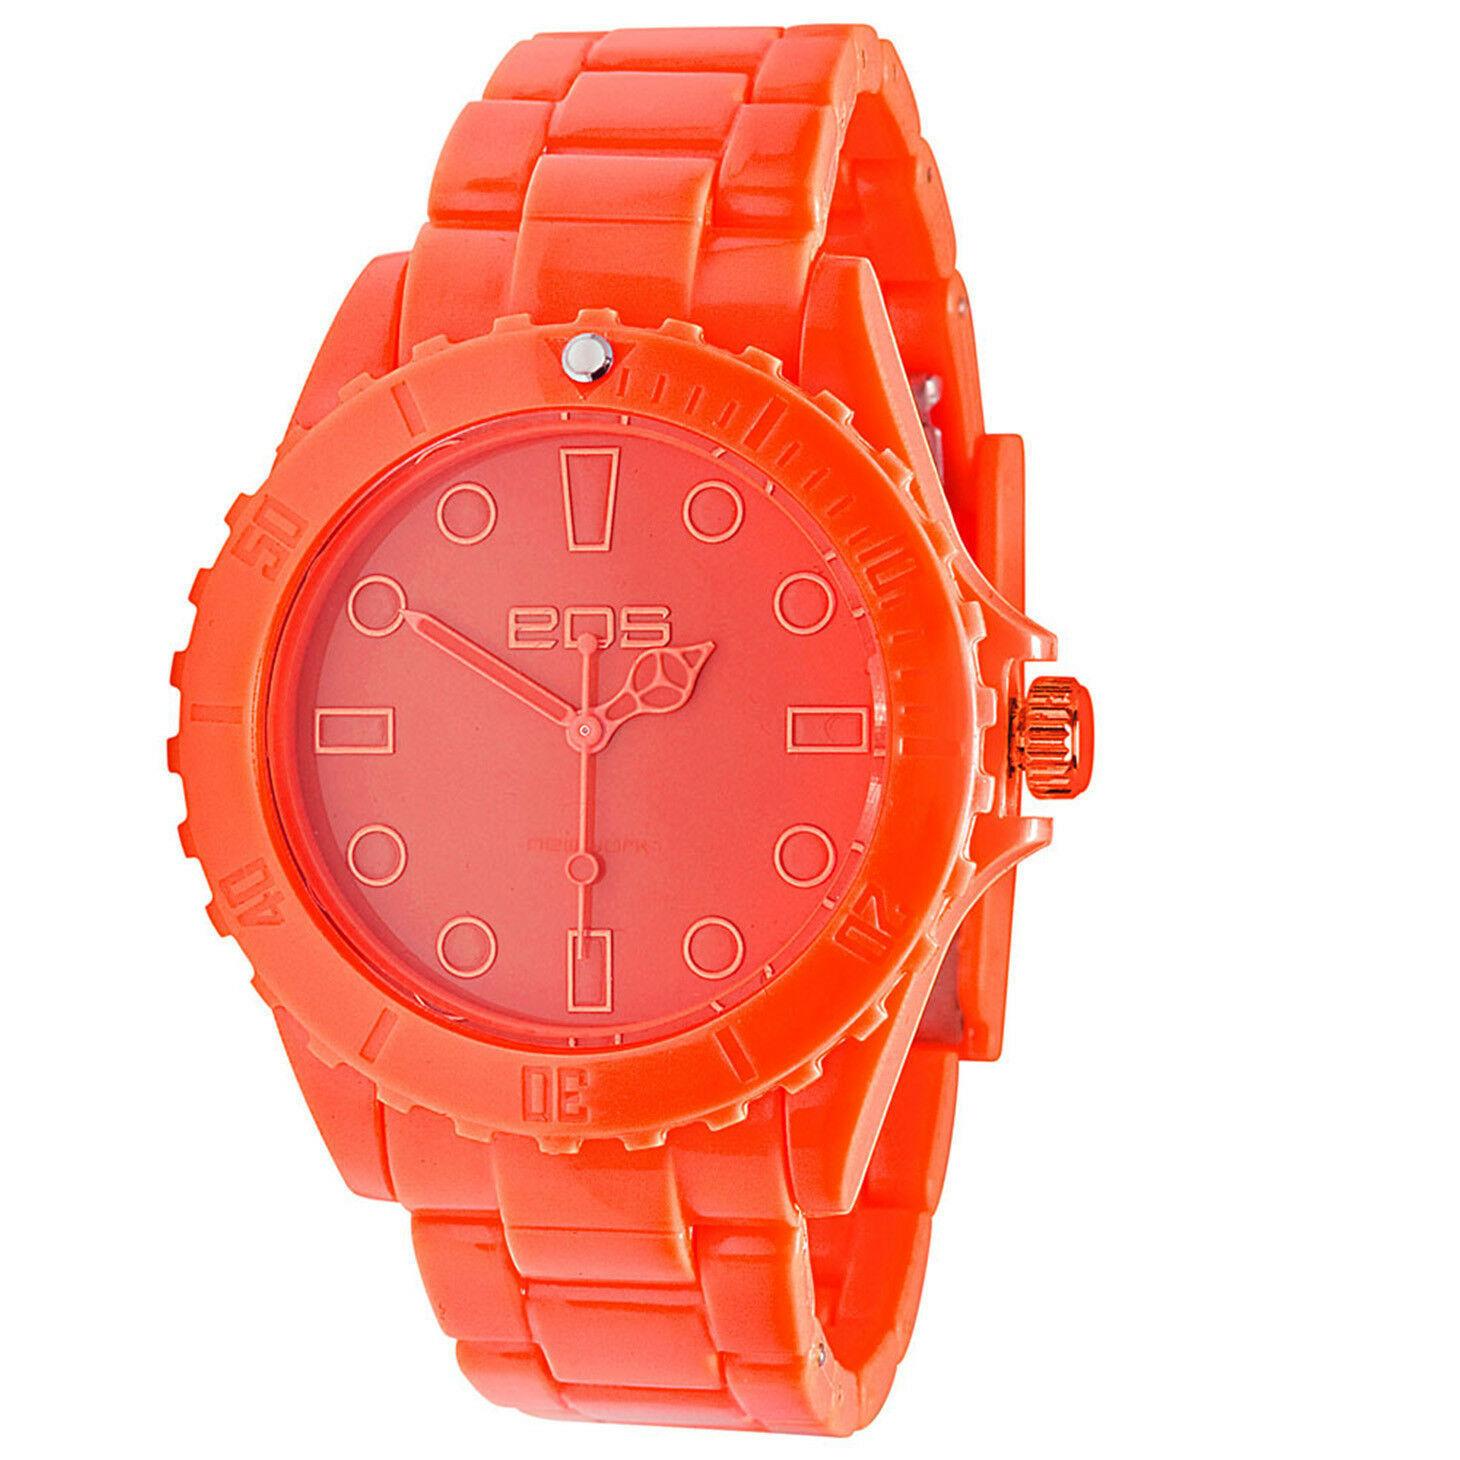 EOS New York Unisex Marksmen Plastik Orange Quarz Analog Uhr #359SORG Neu Ovp